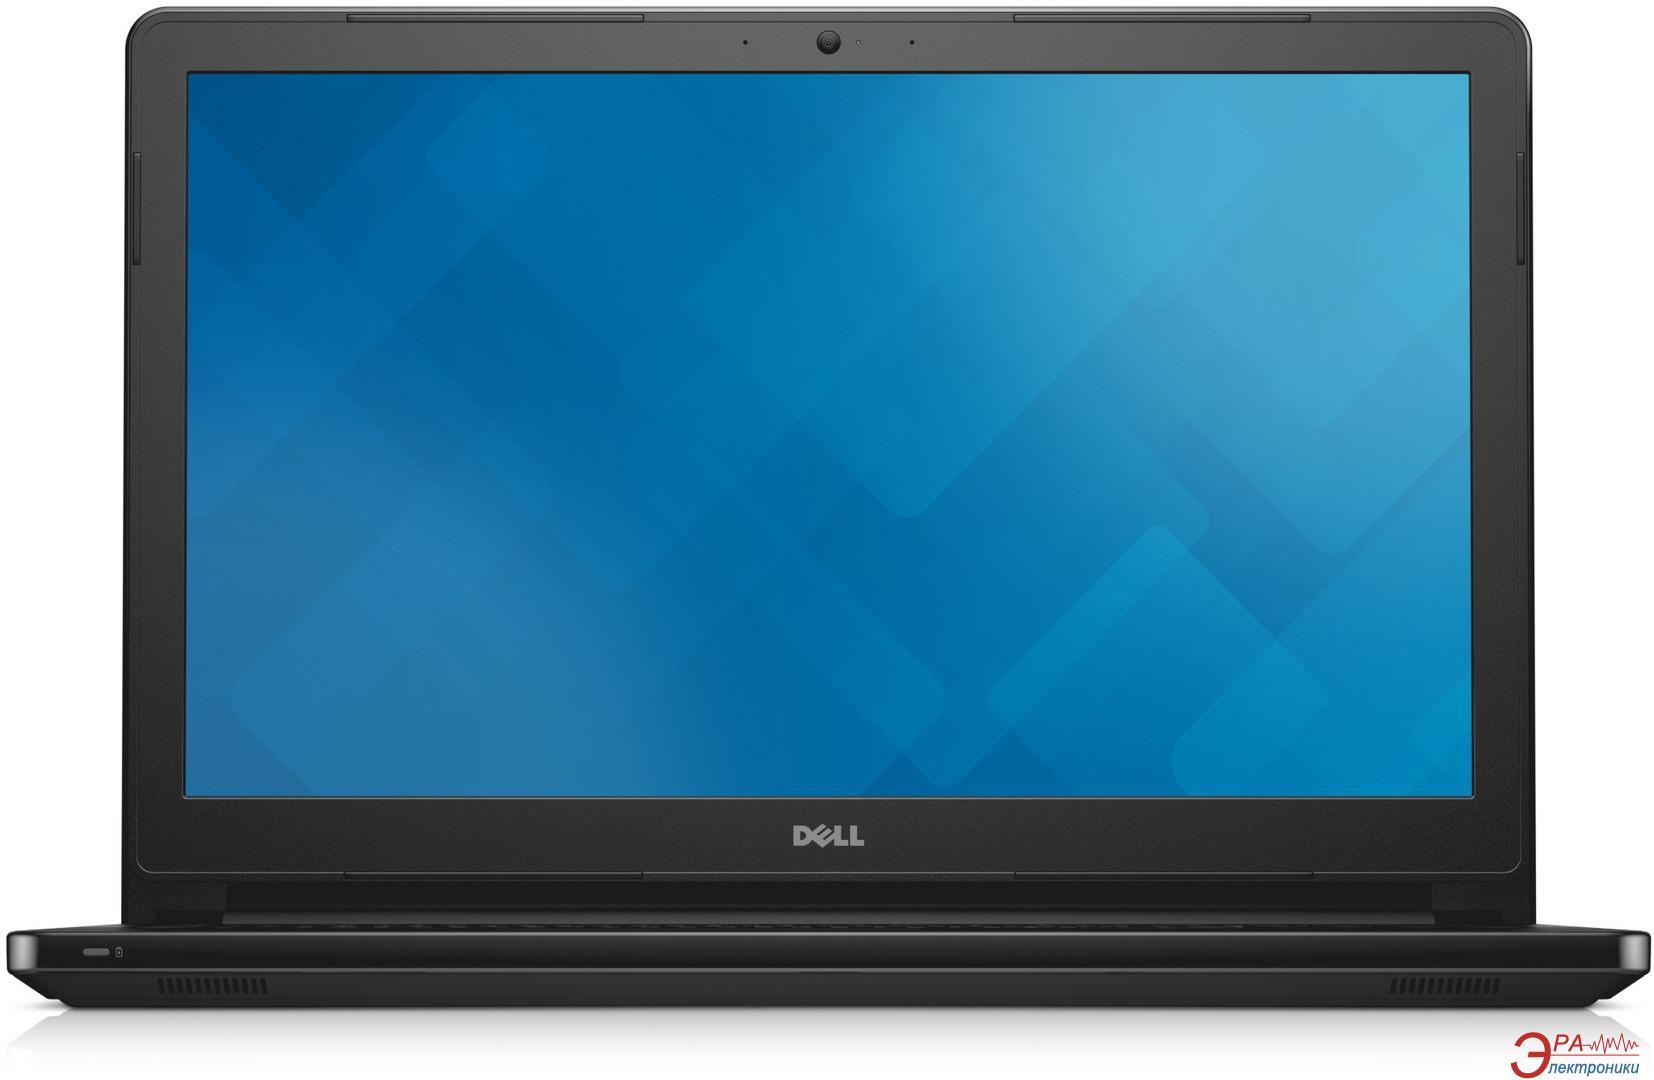 Ноутбук Dell Vostro 15 3558 (VAN15BDW1603_015_ubu) Black 15,6